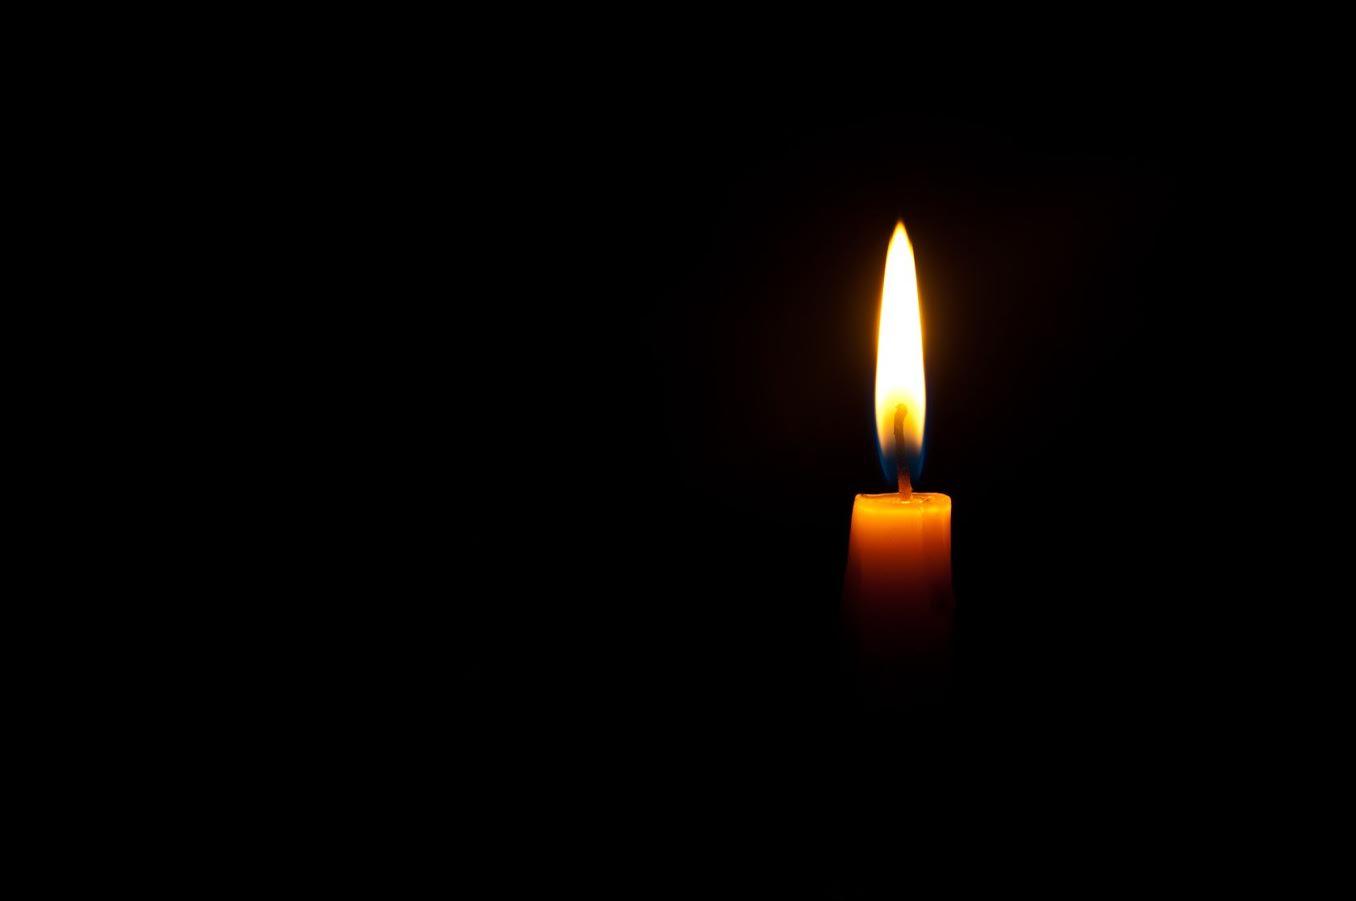 Tänd ett ljus i stugan och njut av tystnaden